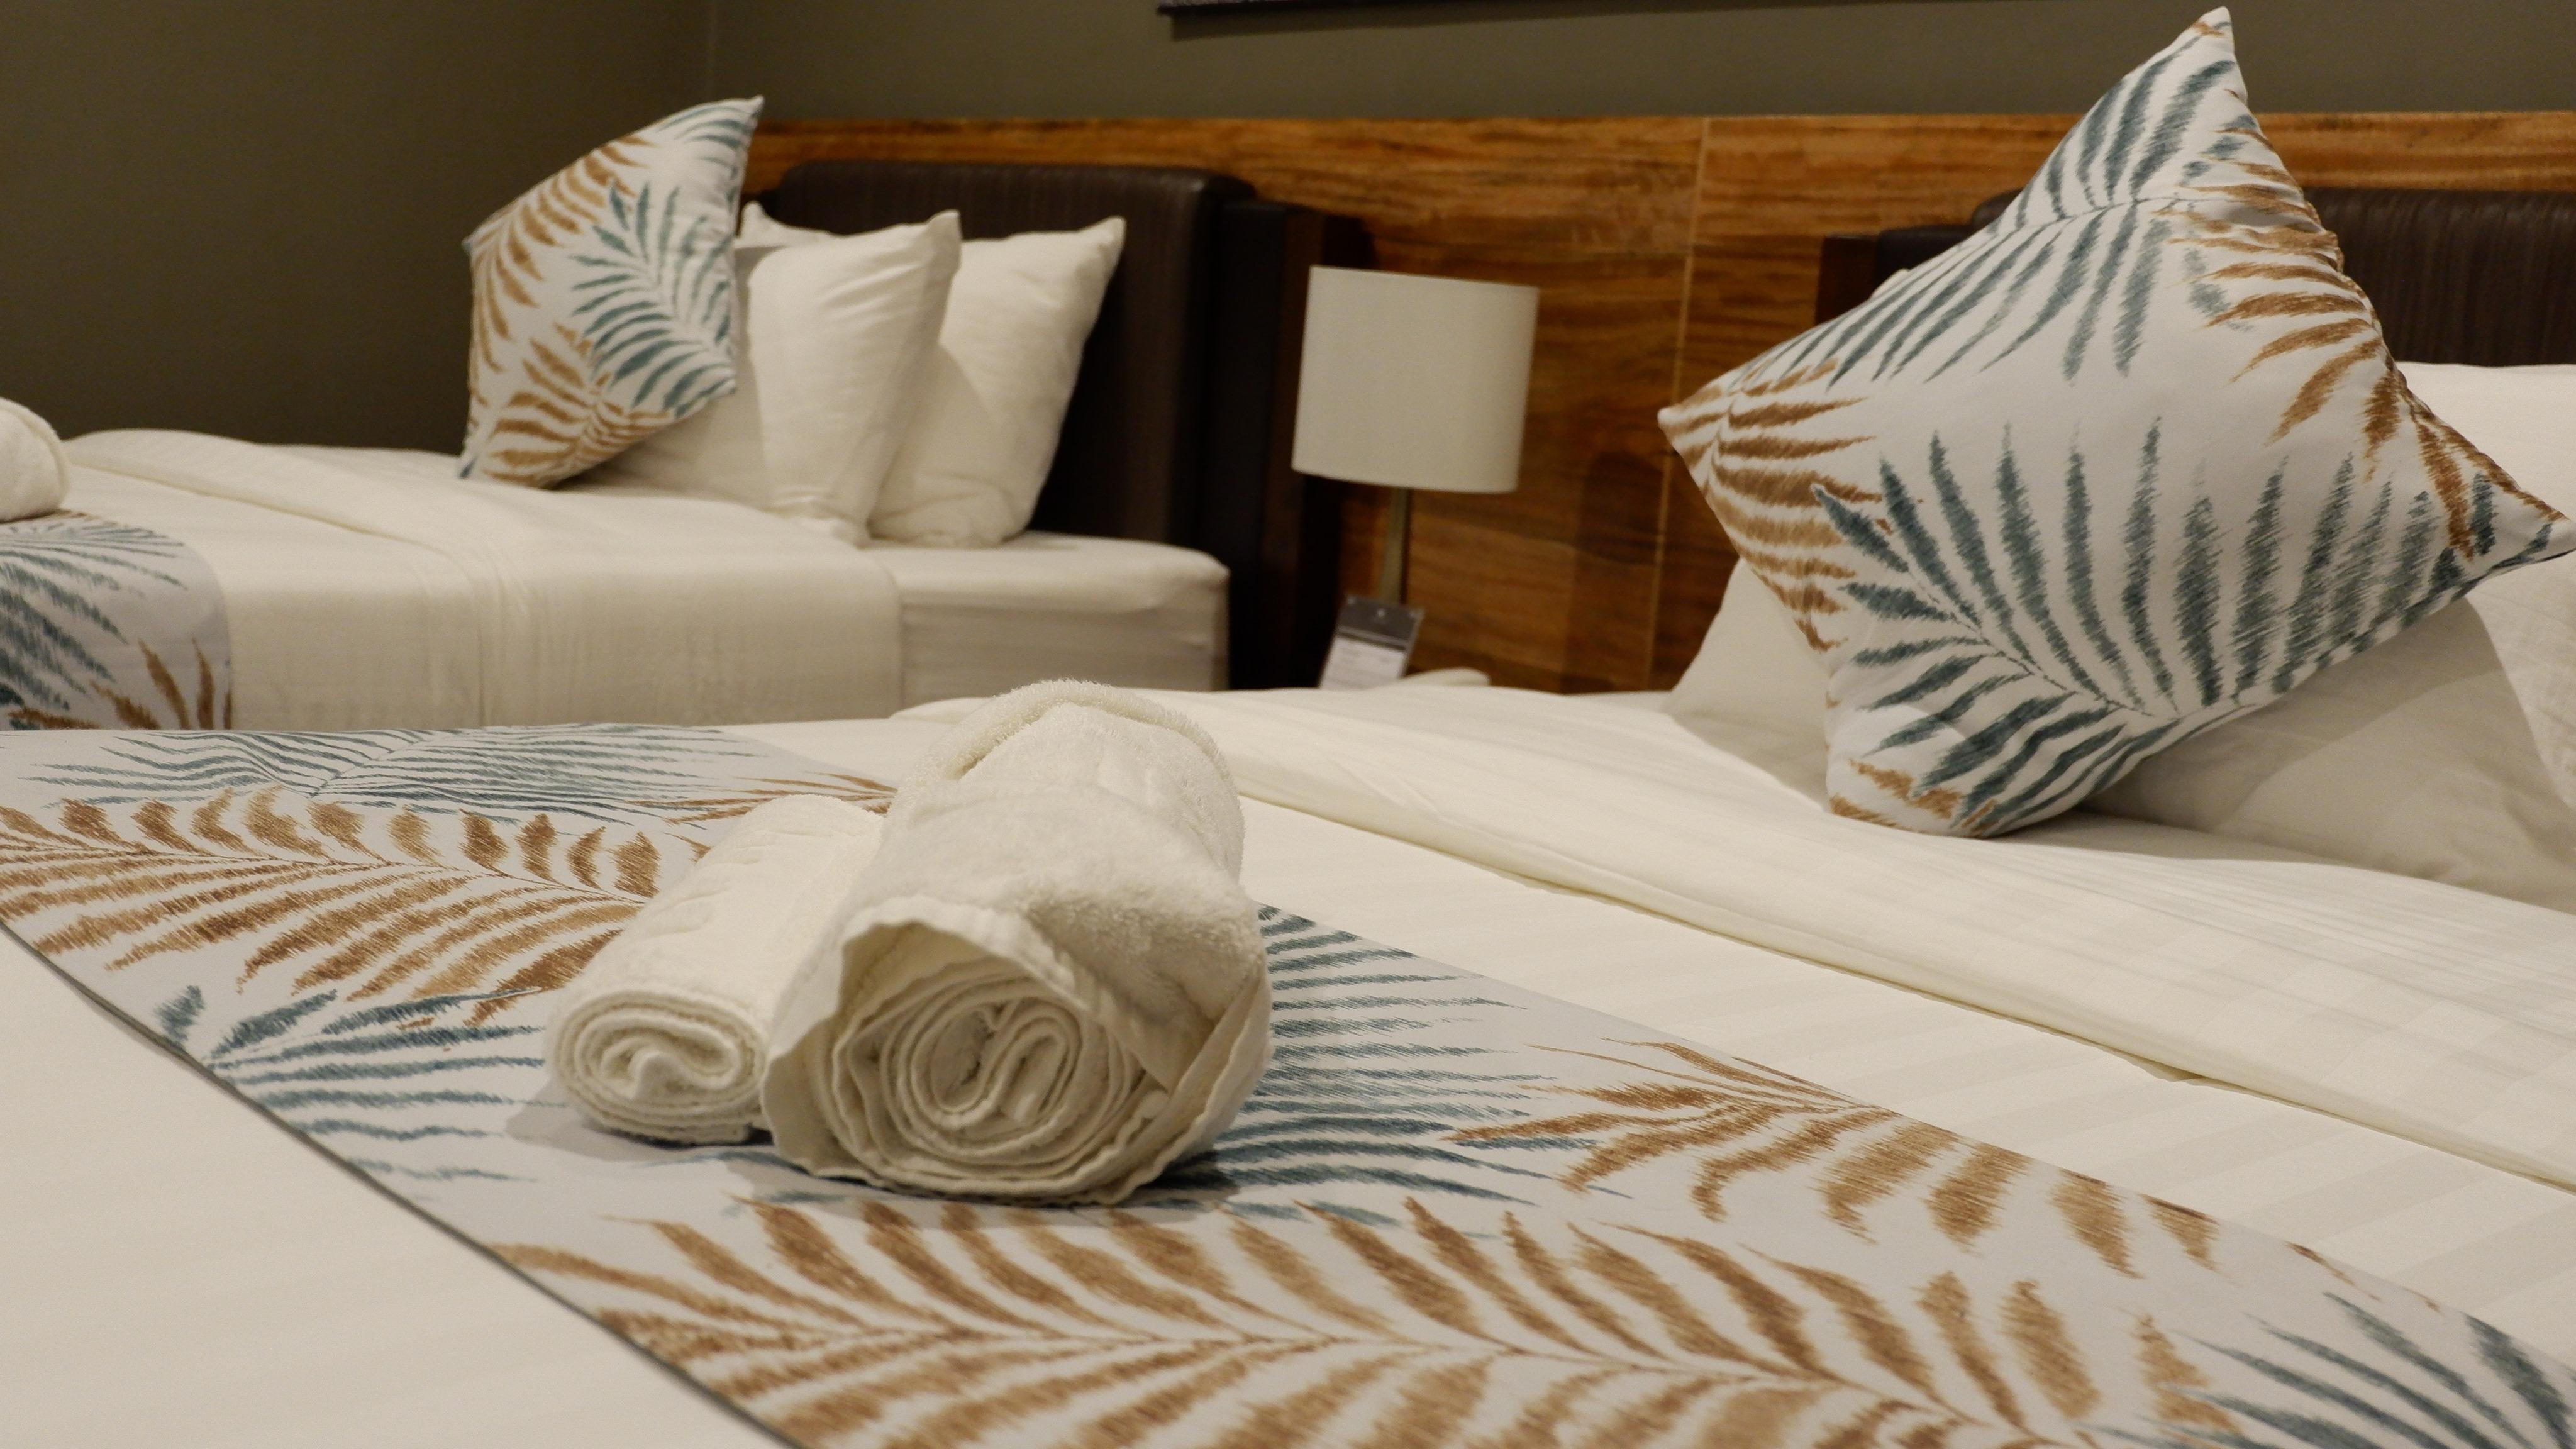 balar-hotel-spa-boac-marinduque (6)